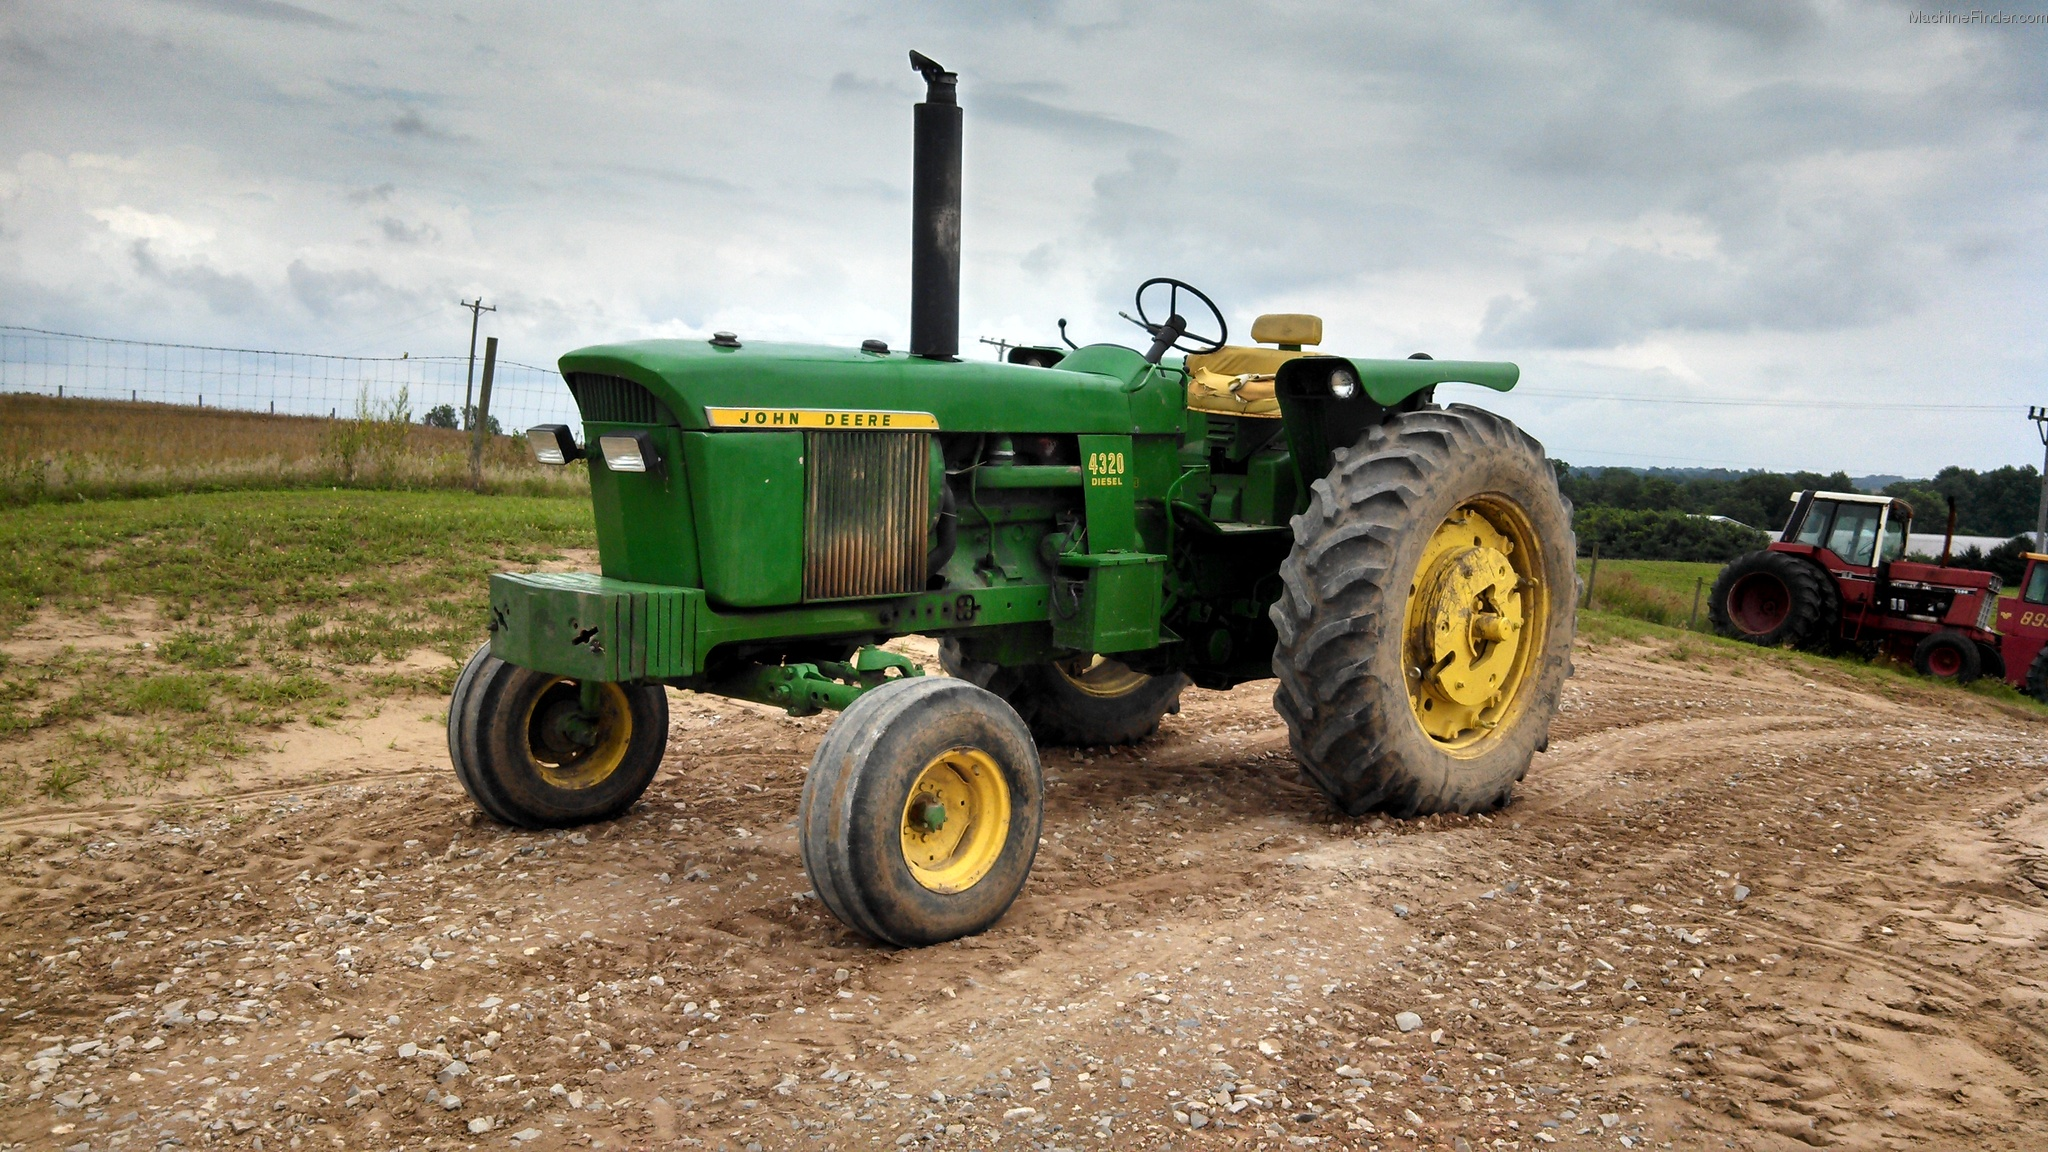 1971 John Deere 4320 Tractors - Row Crop (+100hp) - John ...